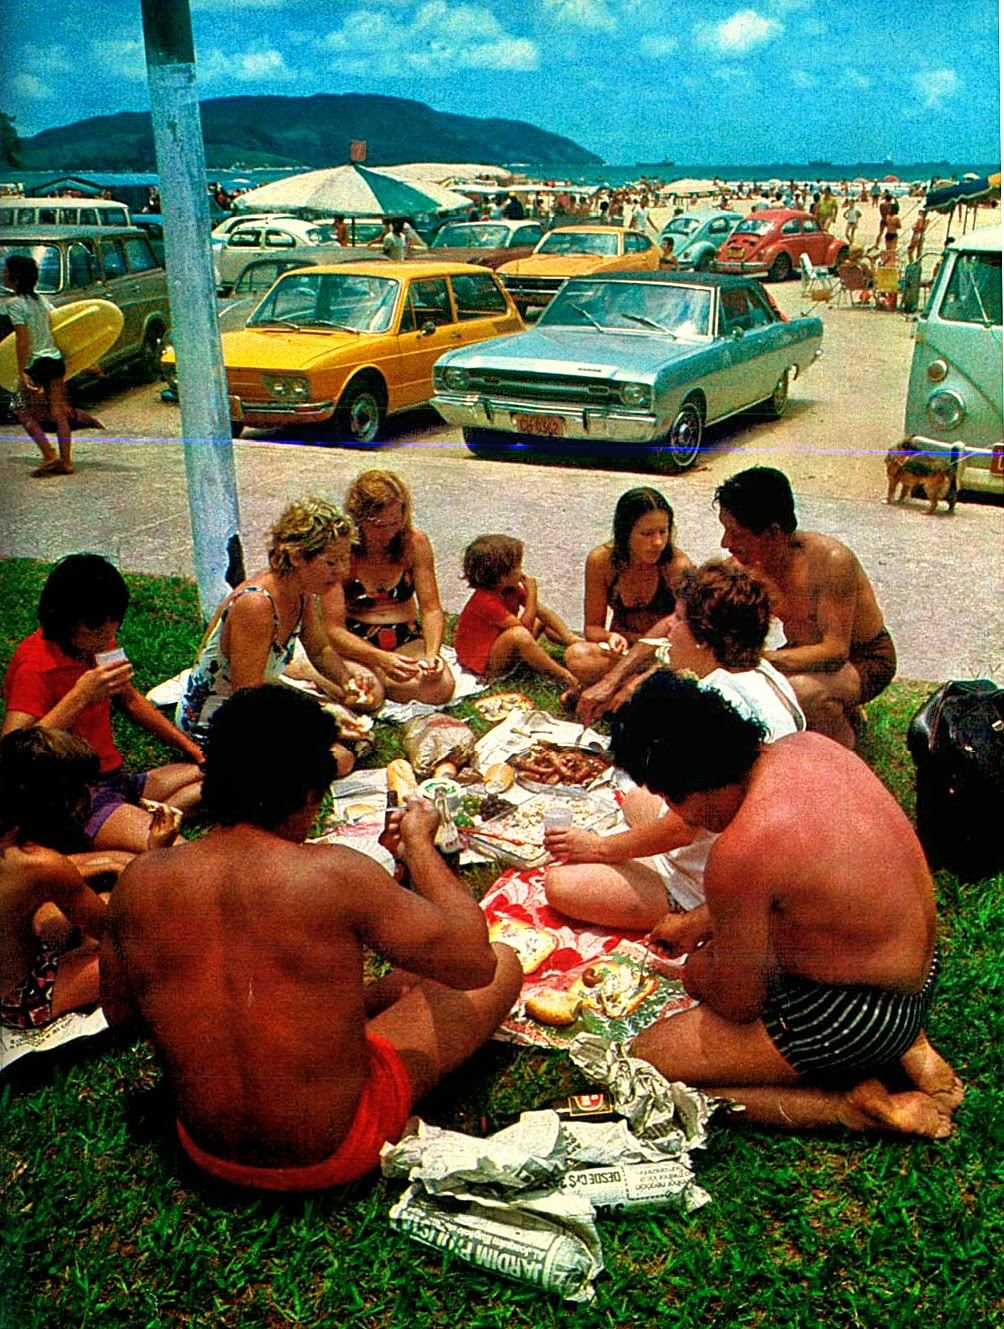 anos 70. história da década de 70.